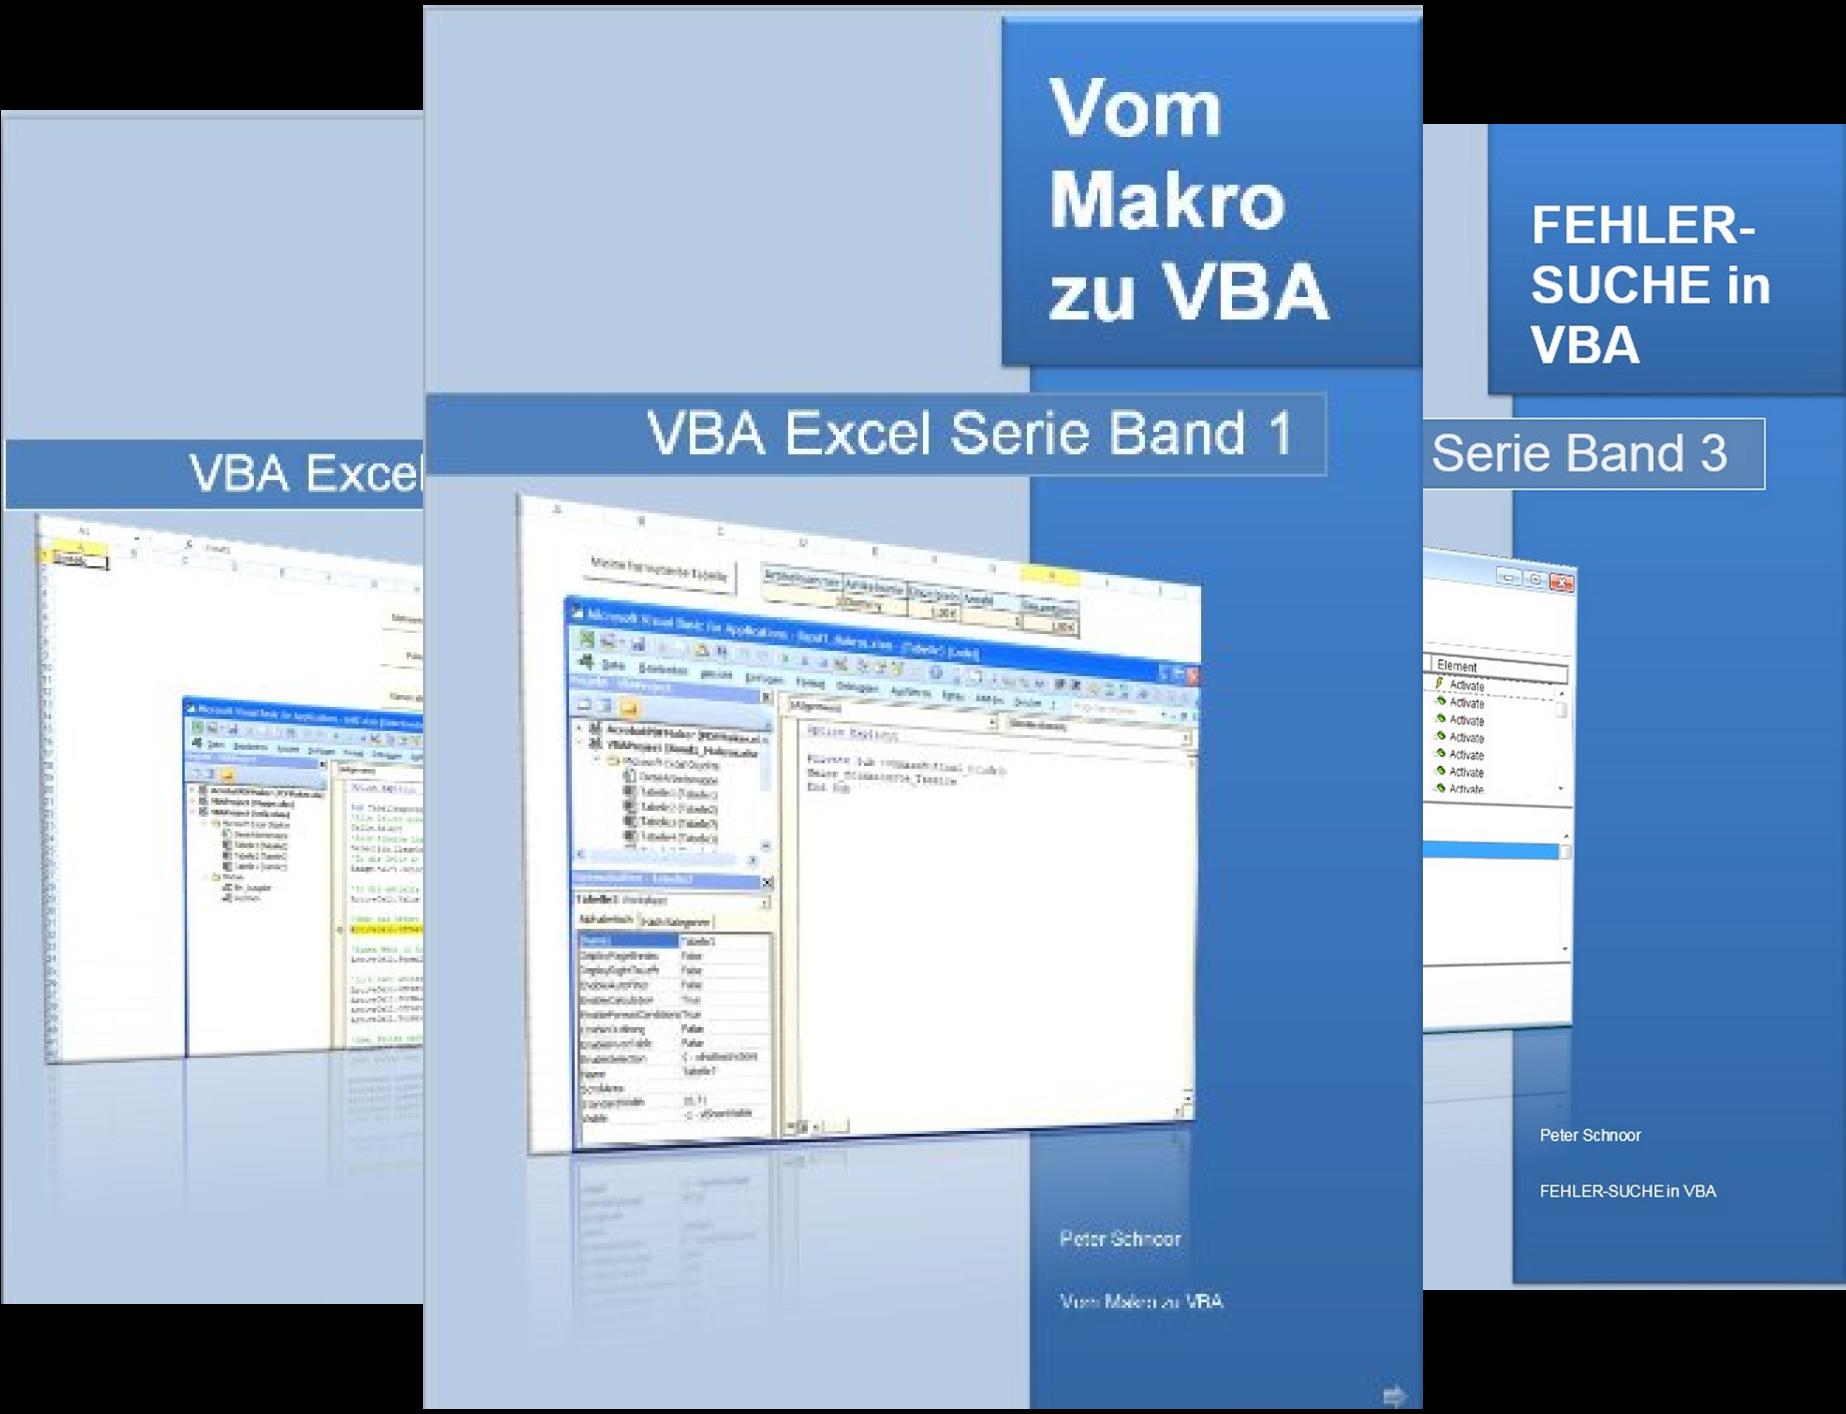 VBA Excel Serie (Reihe in 3 Bänden)